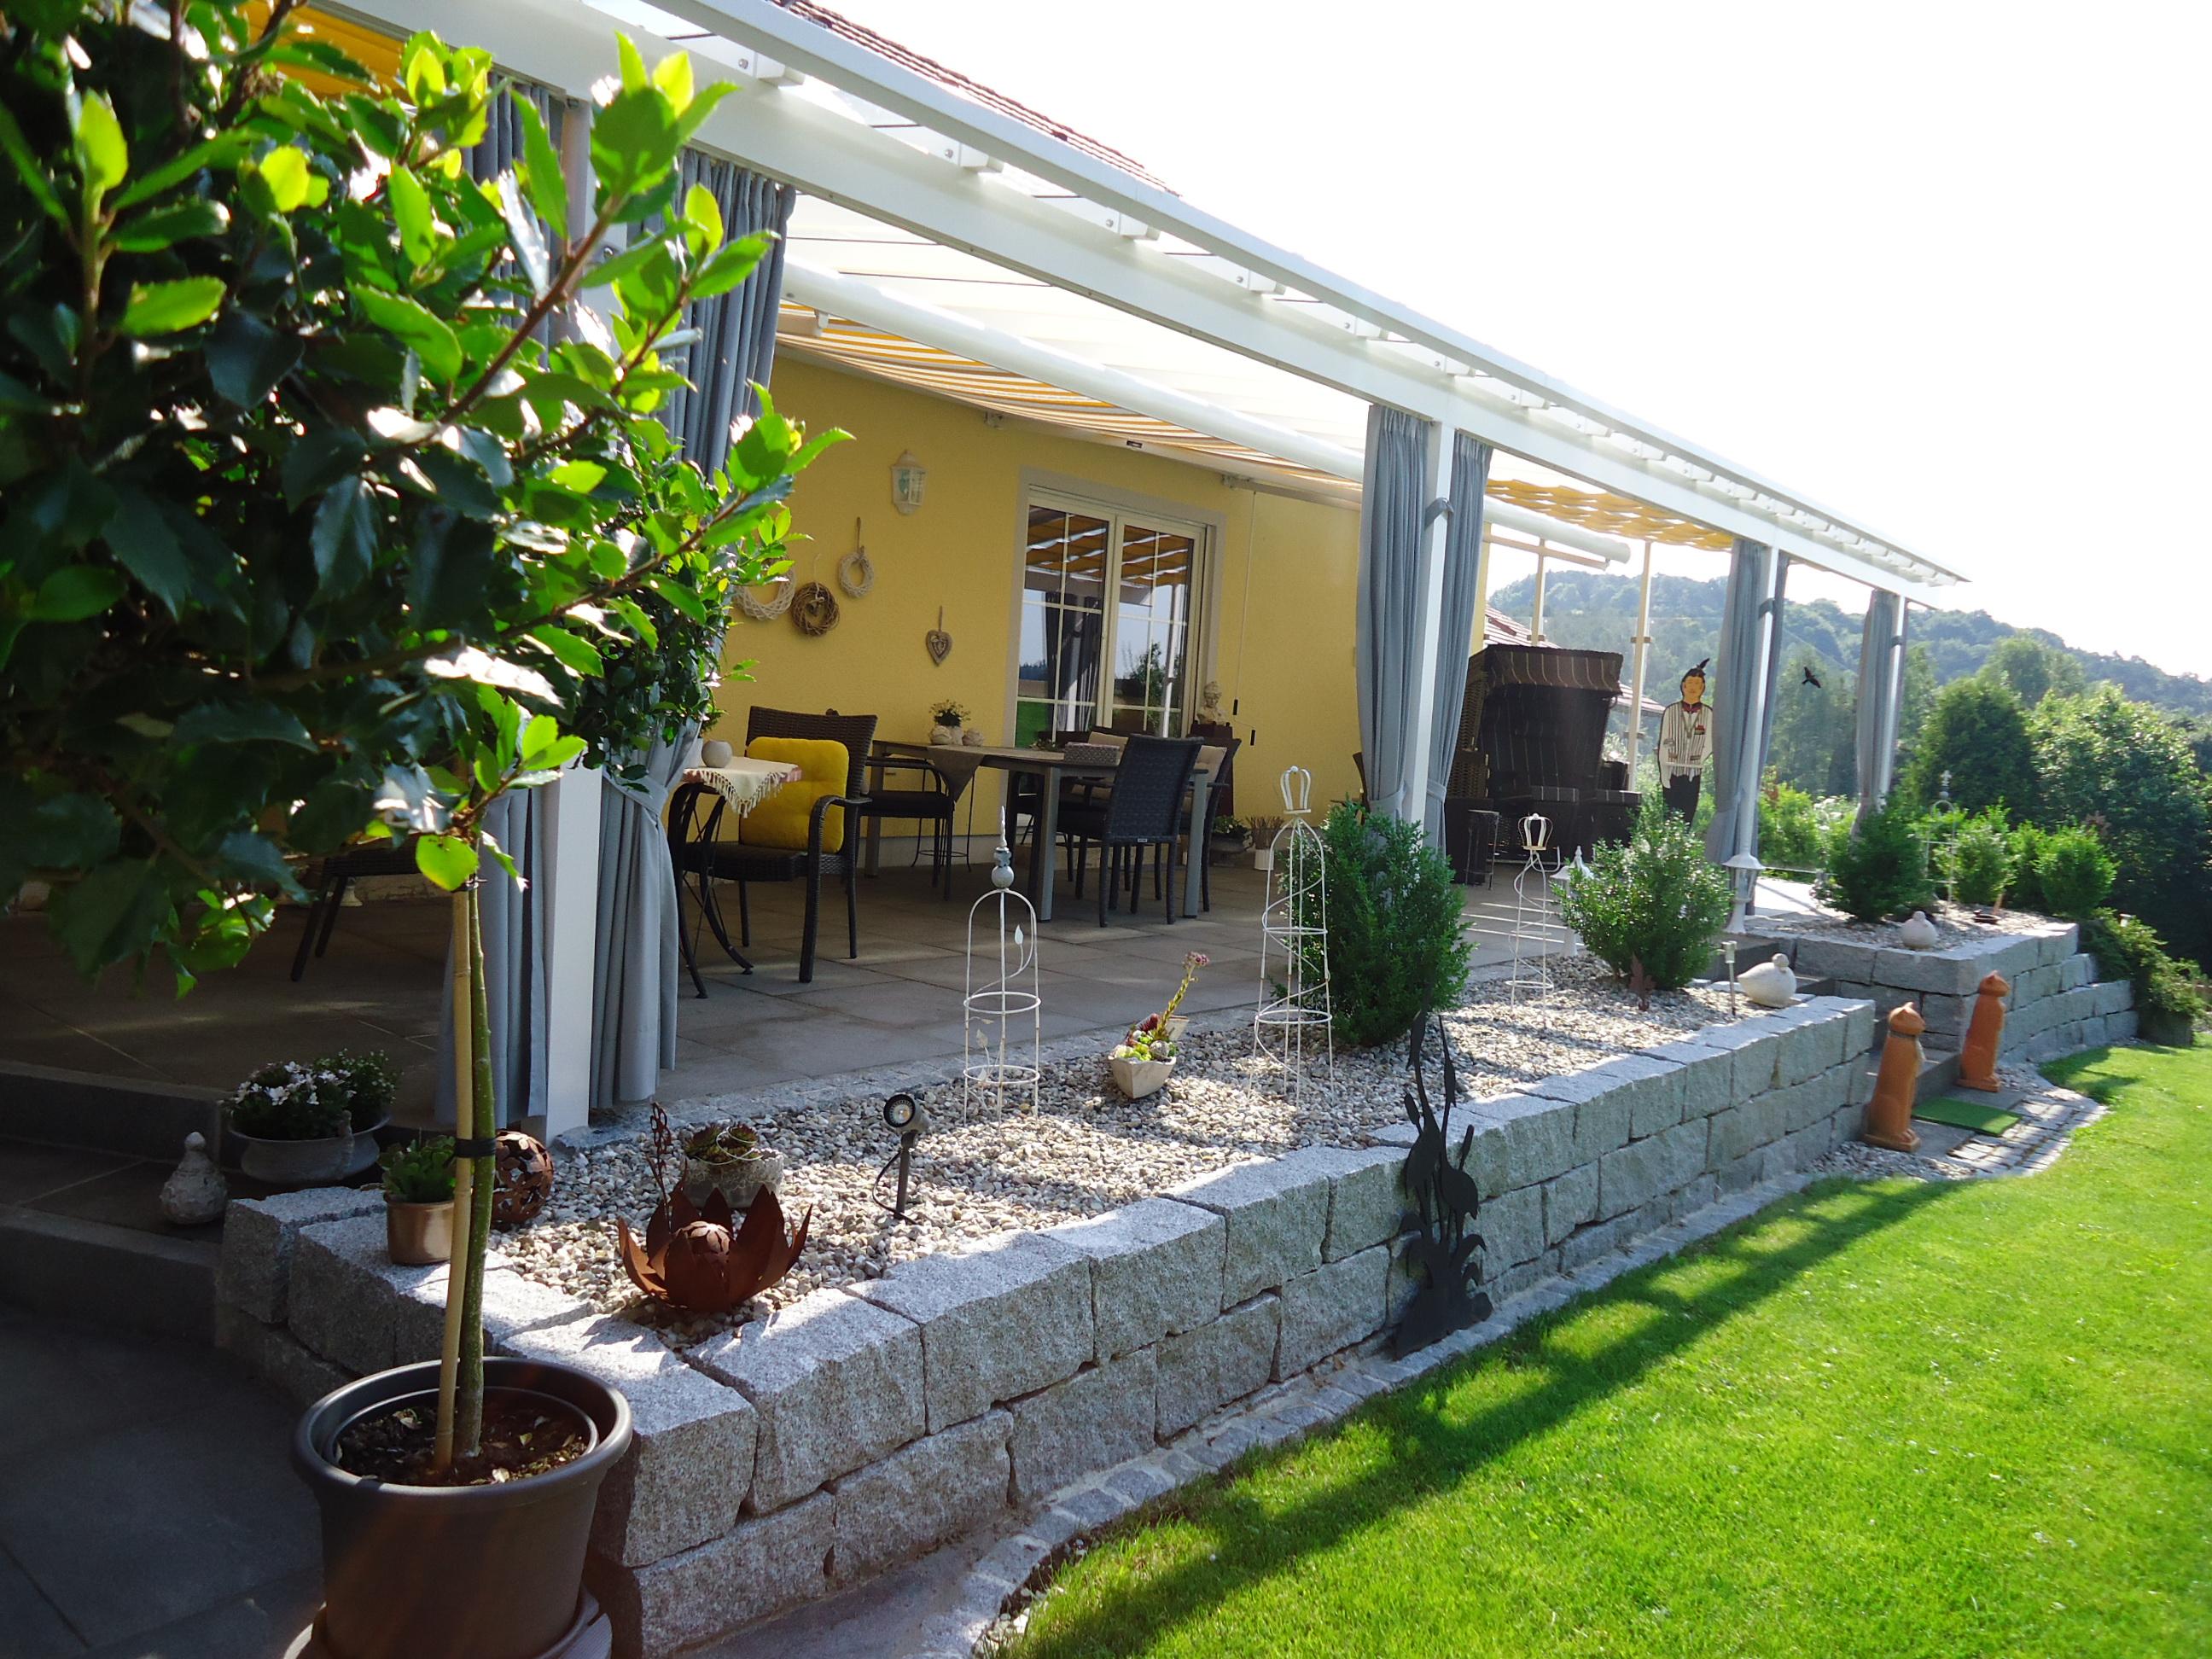 Gartengestaltung bruckmeier garten und landschaftsbau - Terrasse hoher als garten ...